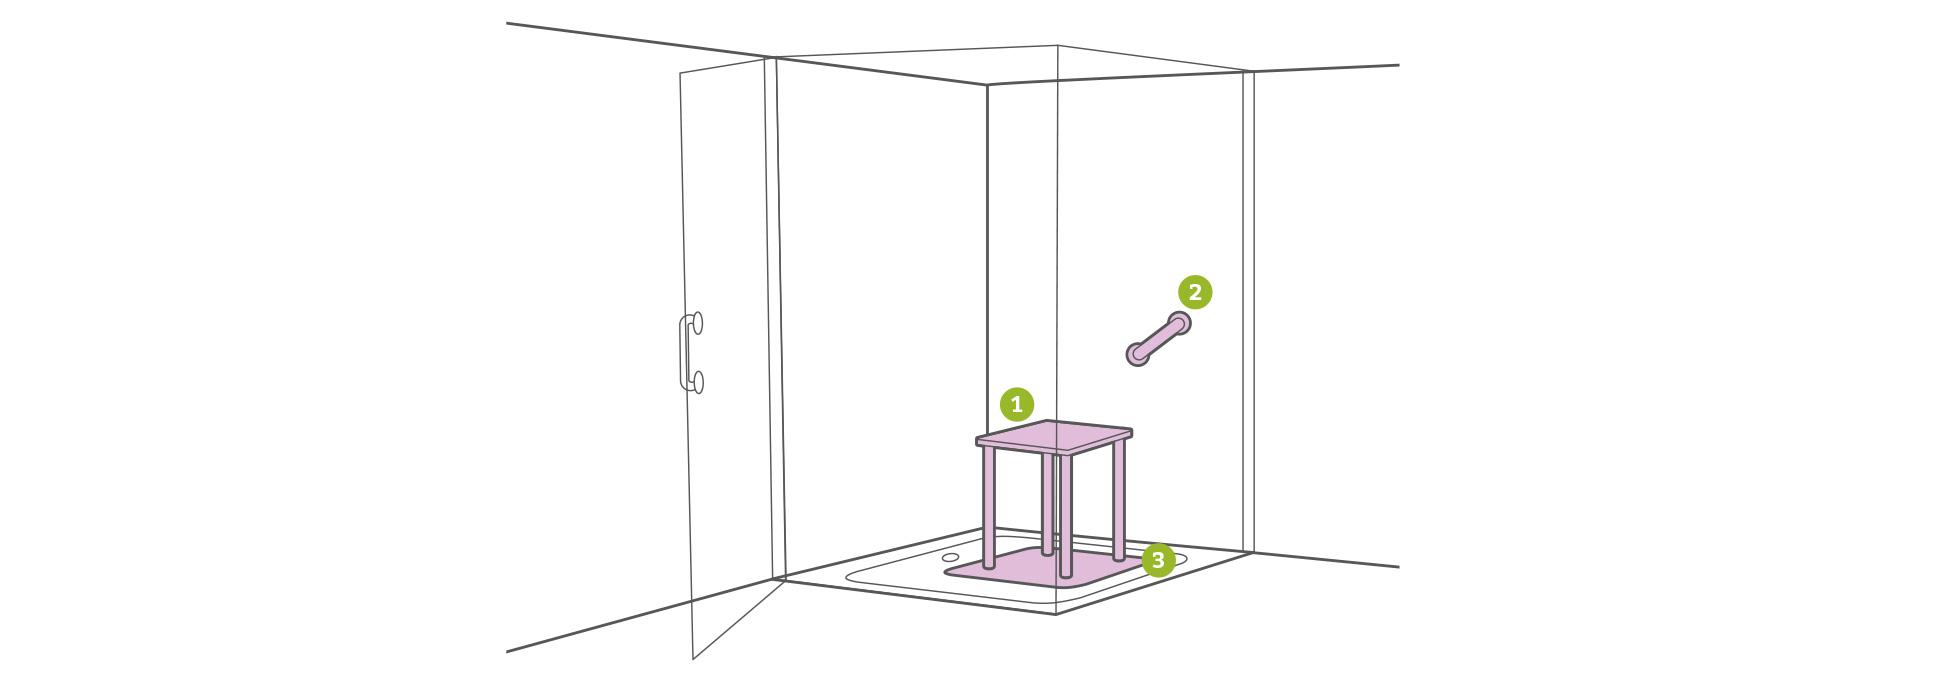 Full Size of Behindertengerechte Dusche Barrierefreie Pflegede Unterputz Armatur Grohe Thermostat Sprinz Duschen Bodengleiche Breuer Nischentür Badewanne Mit Begehbare Dusche Behindertengerechte Dusche